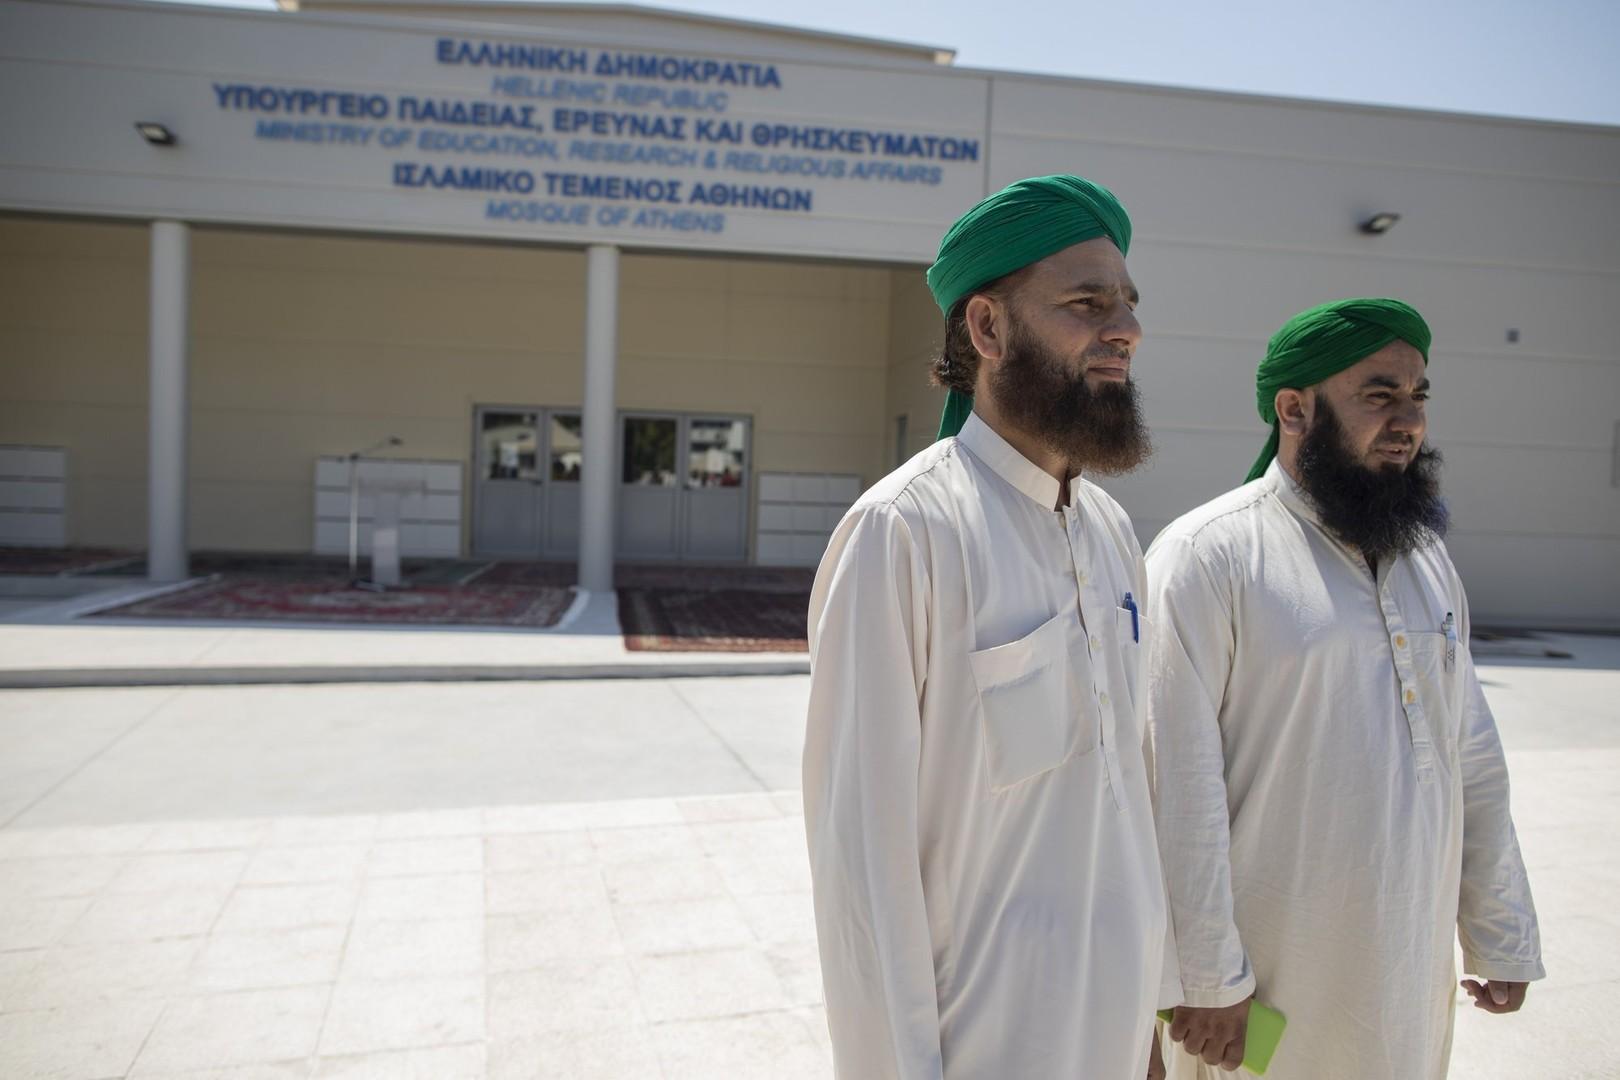 اليونان.. الاستعداد لافتتاح أول مسجد في أثينا منذ عهد العثمانيين (صور)